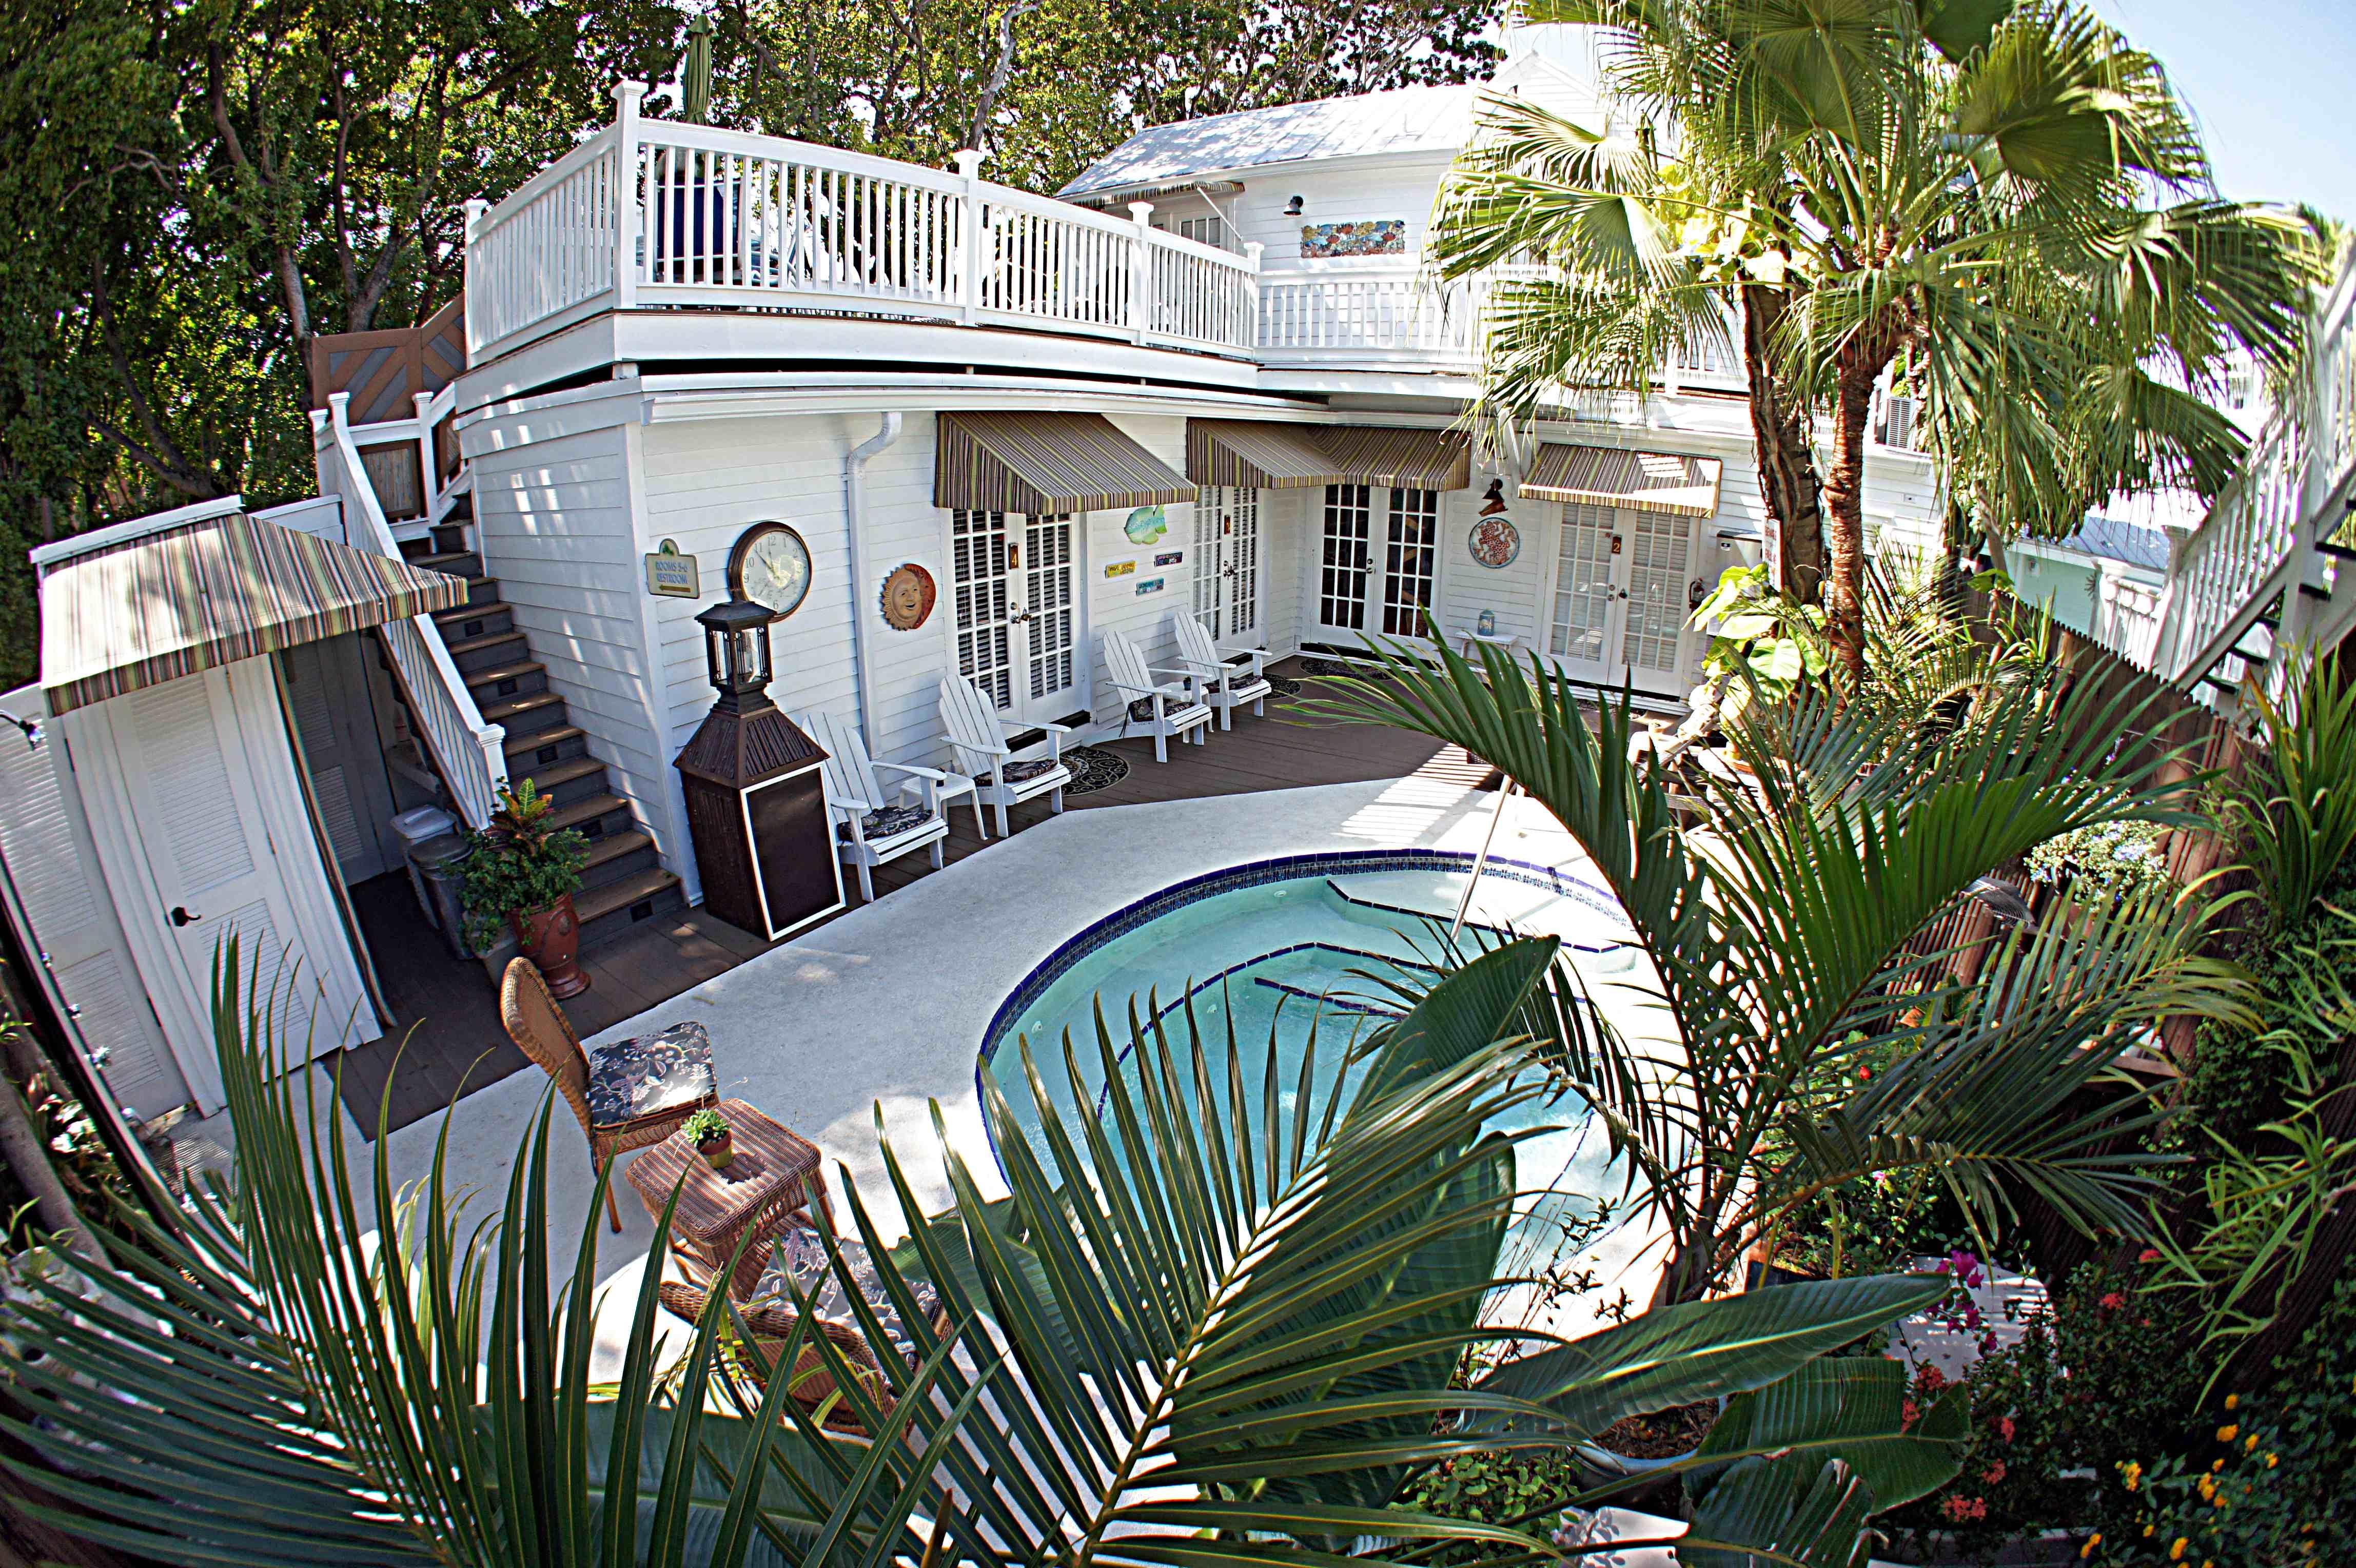 Seascape Tropical Inn